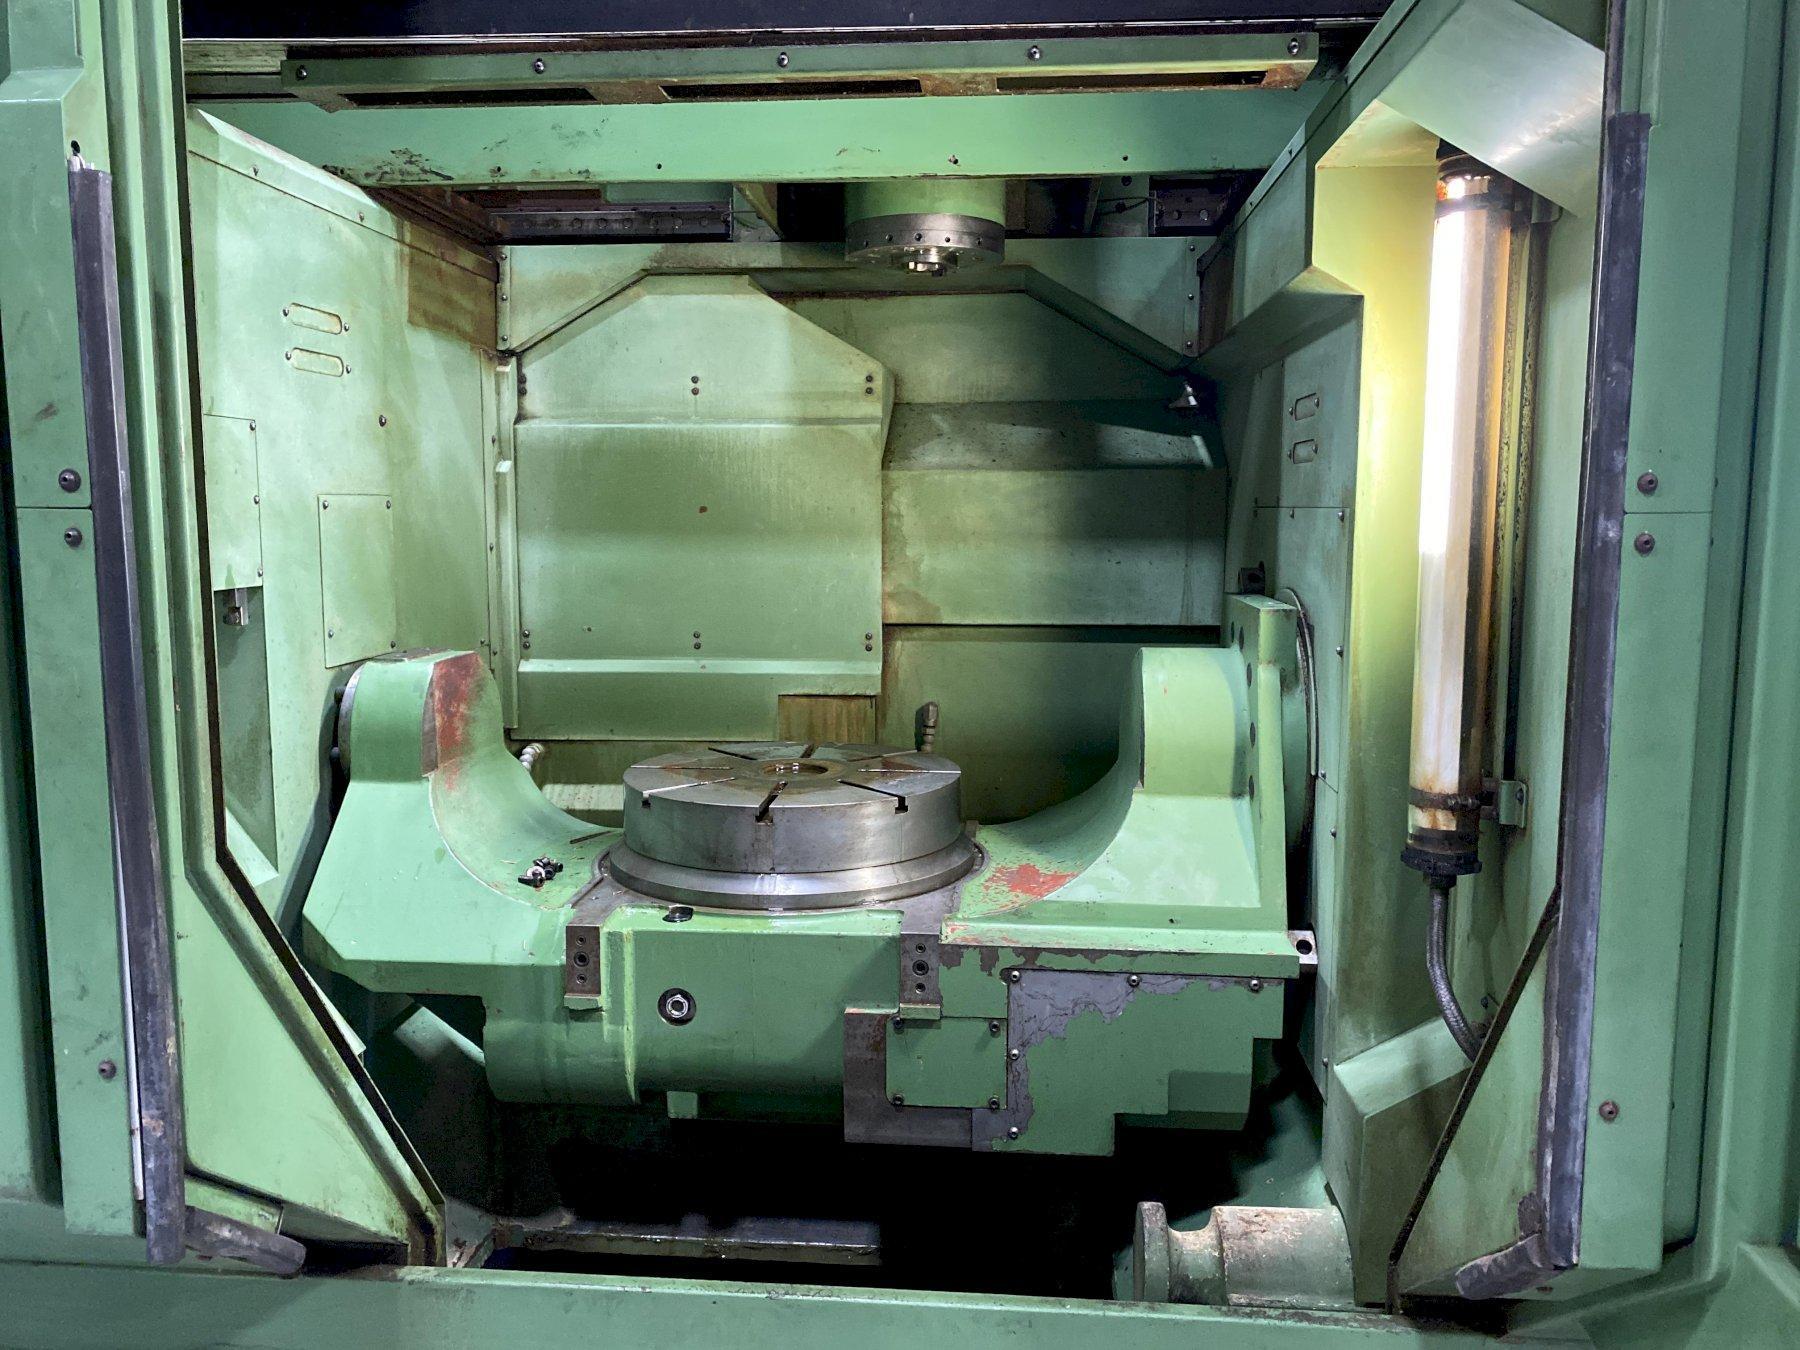 2006 Mazak Variaxis 730-5x II - CNC Vertical Machining Center